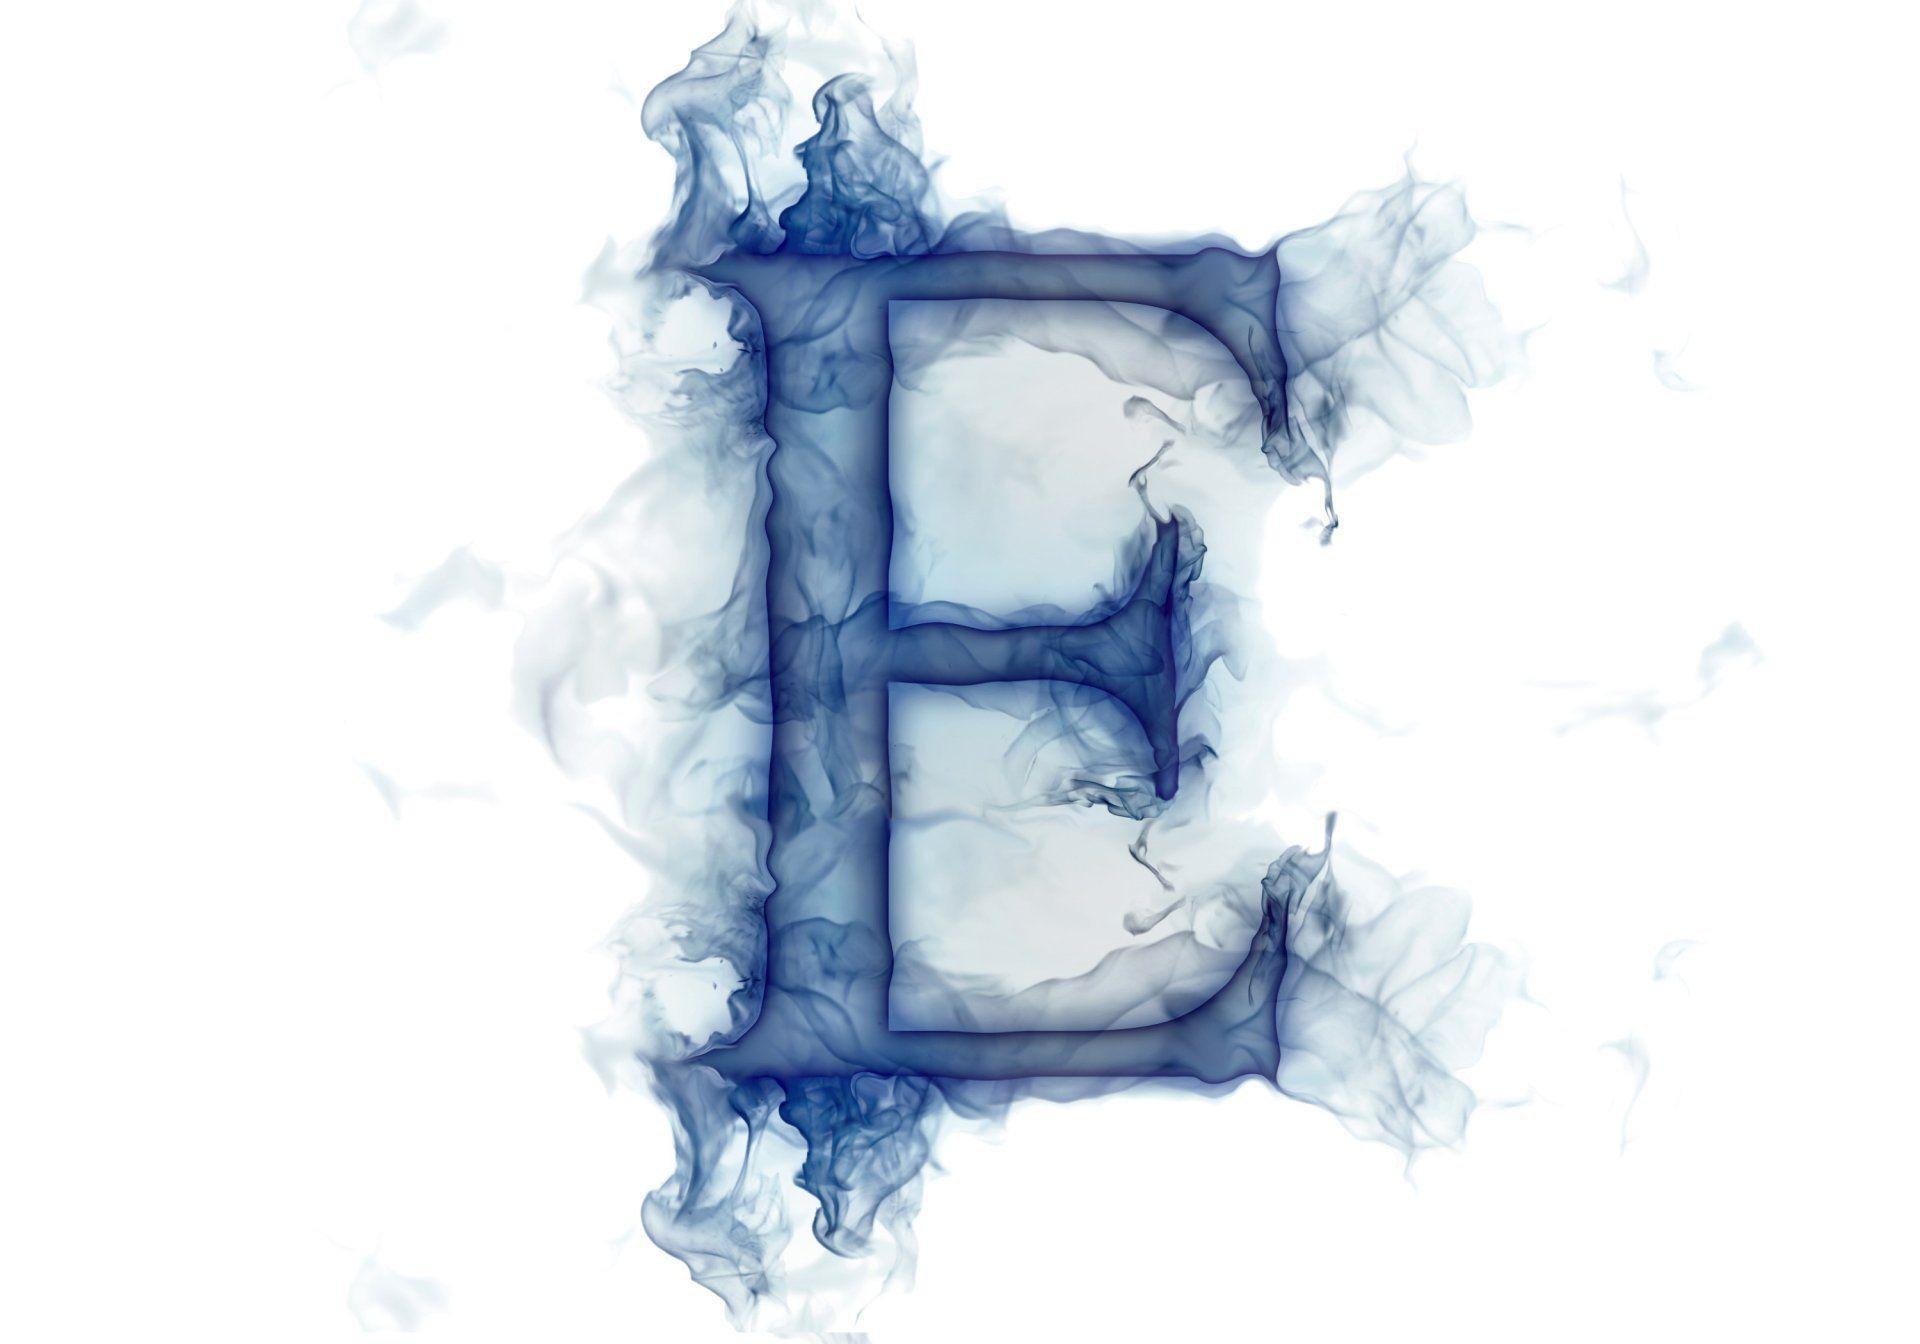 Letter Lit Smoke Gas E HD Wallpaper